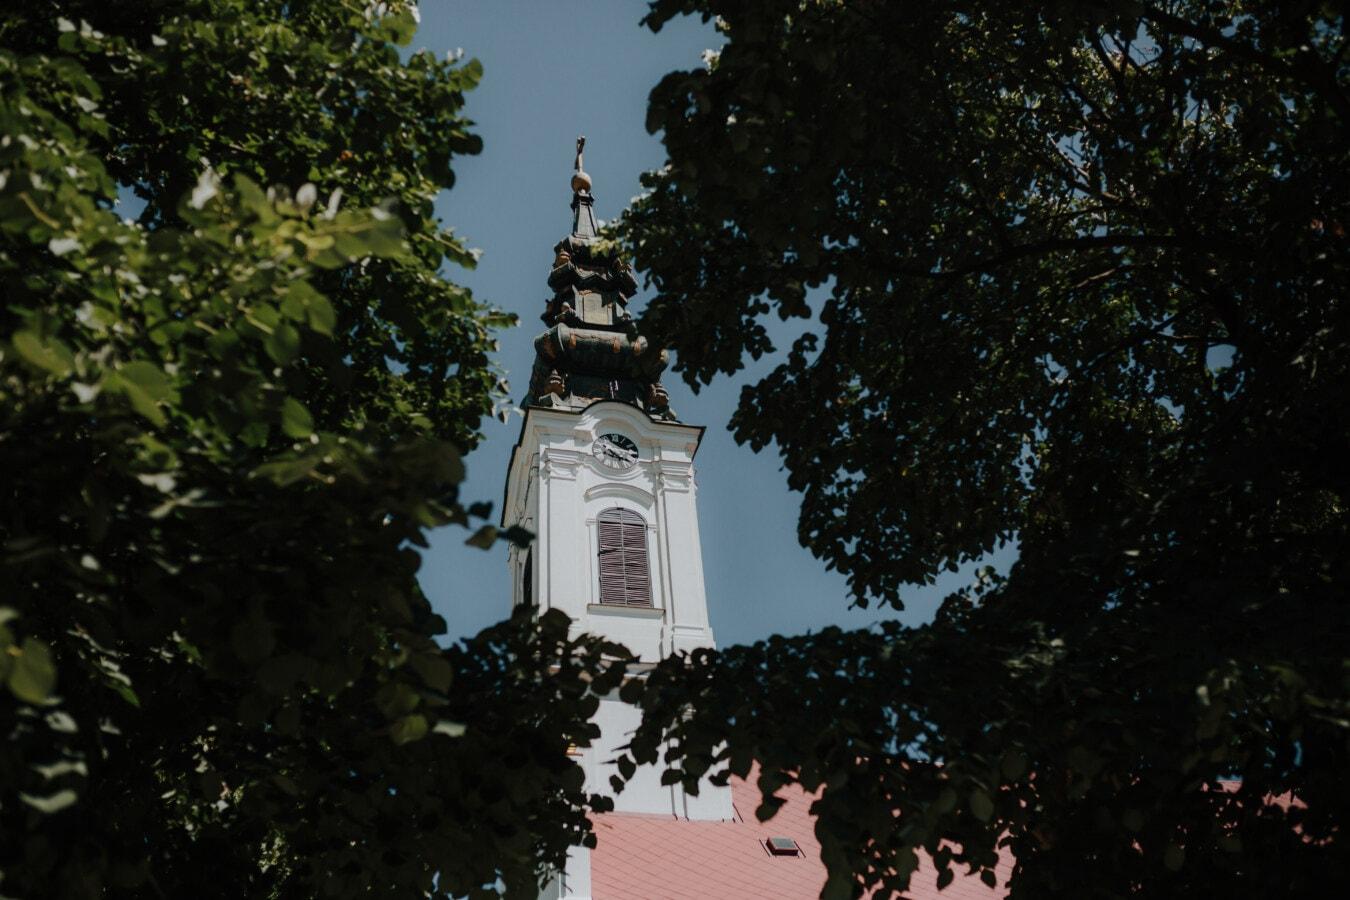 orthodoxe, église, steeple, arbres, branches, religion, architecture, arbre, tour, Ville